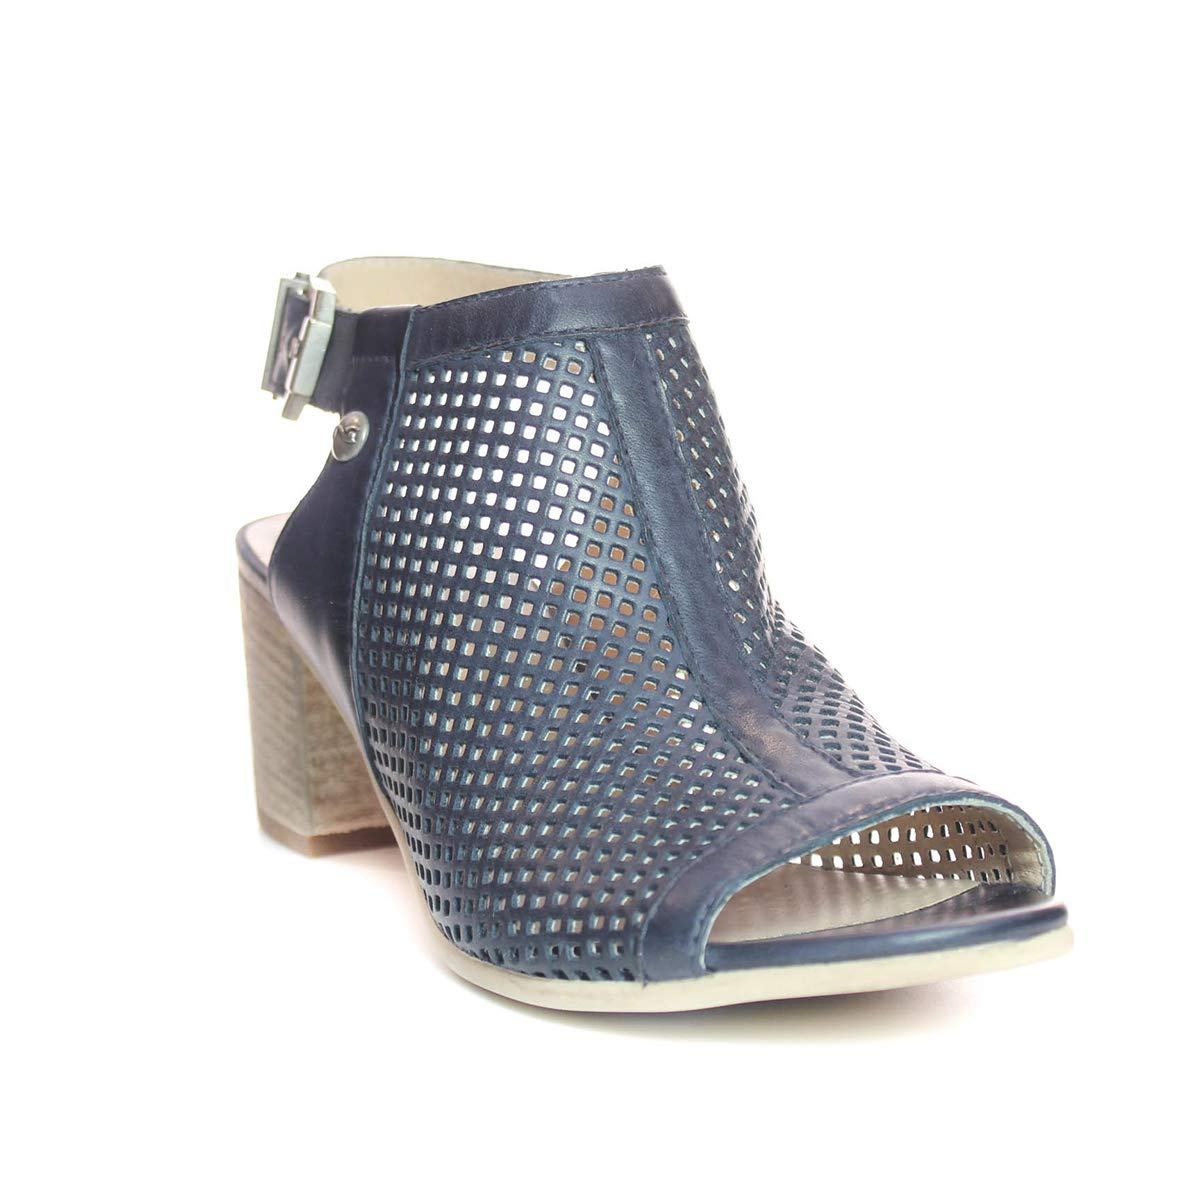 Blau schwarz Giardini P908170D Damen modische Sandalette aus Glattleder mit 50-mm-Absatz